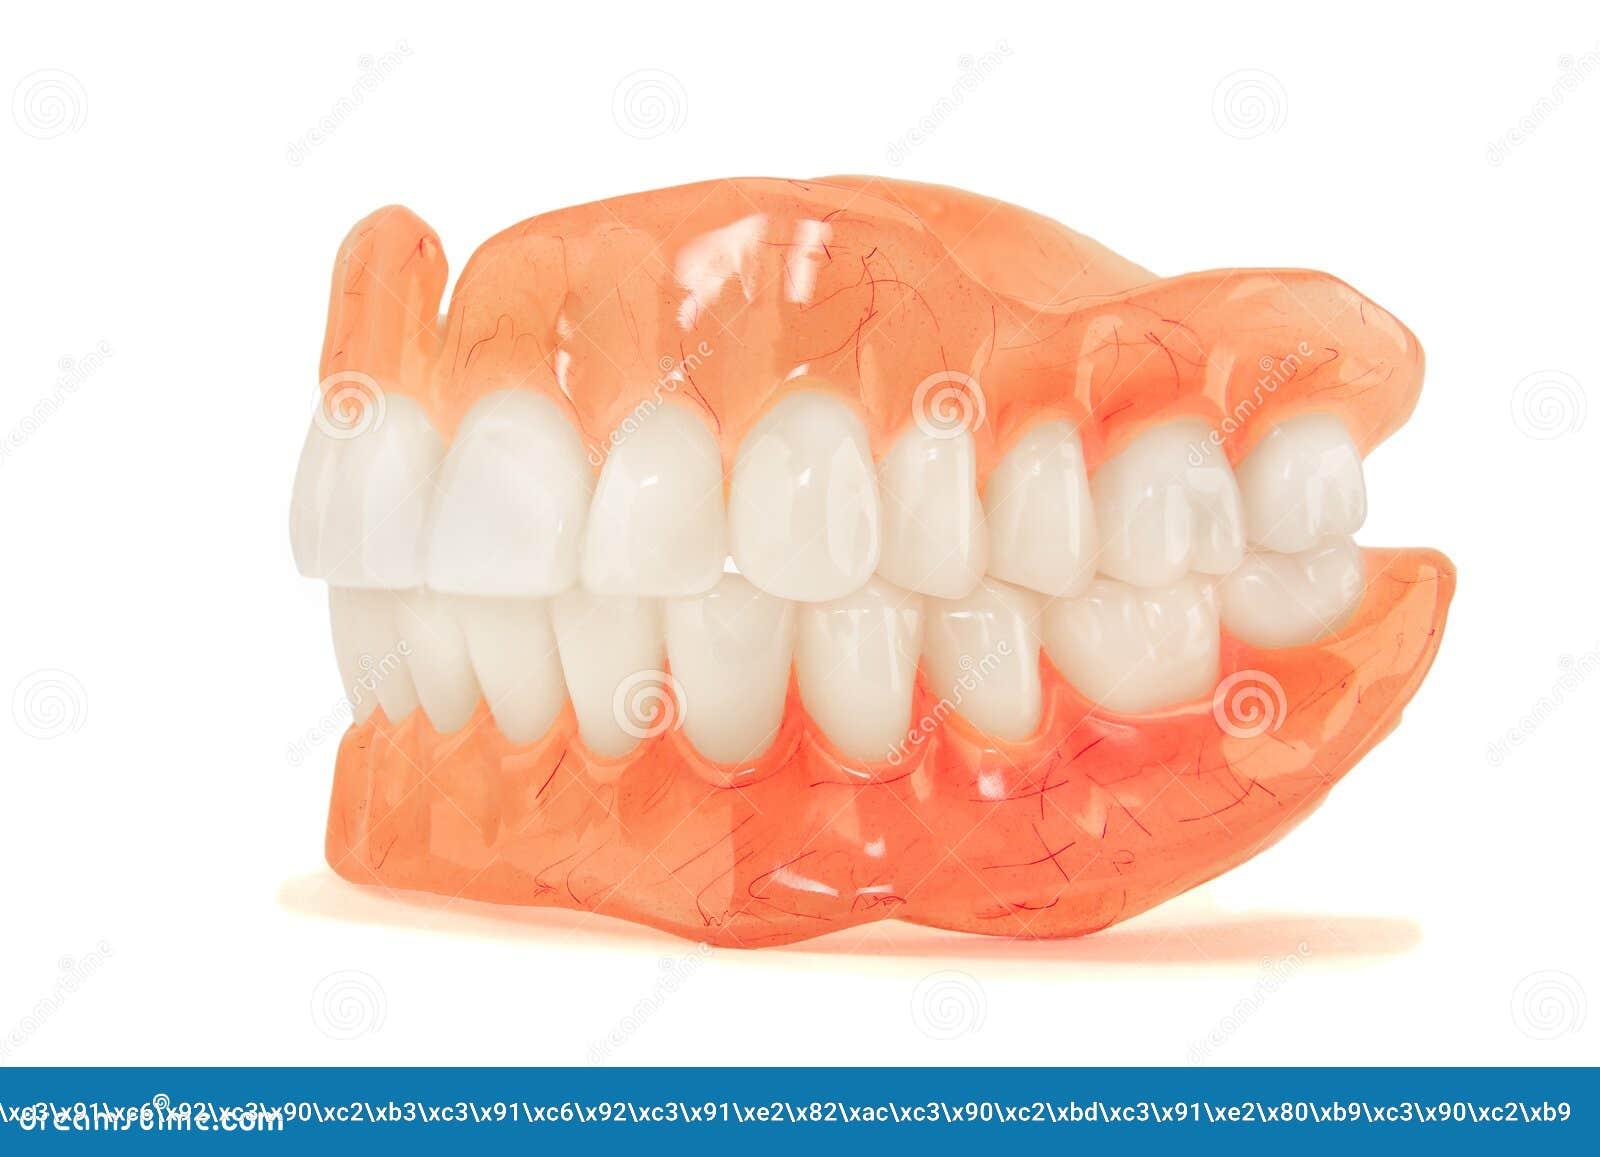 Pleins dentiers de dentier en gros plan Art dentaire orthopédique avec nous